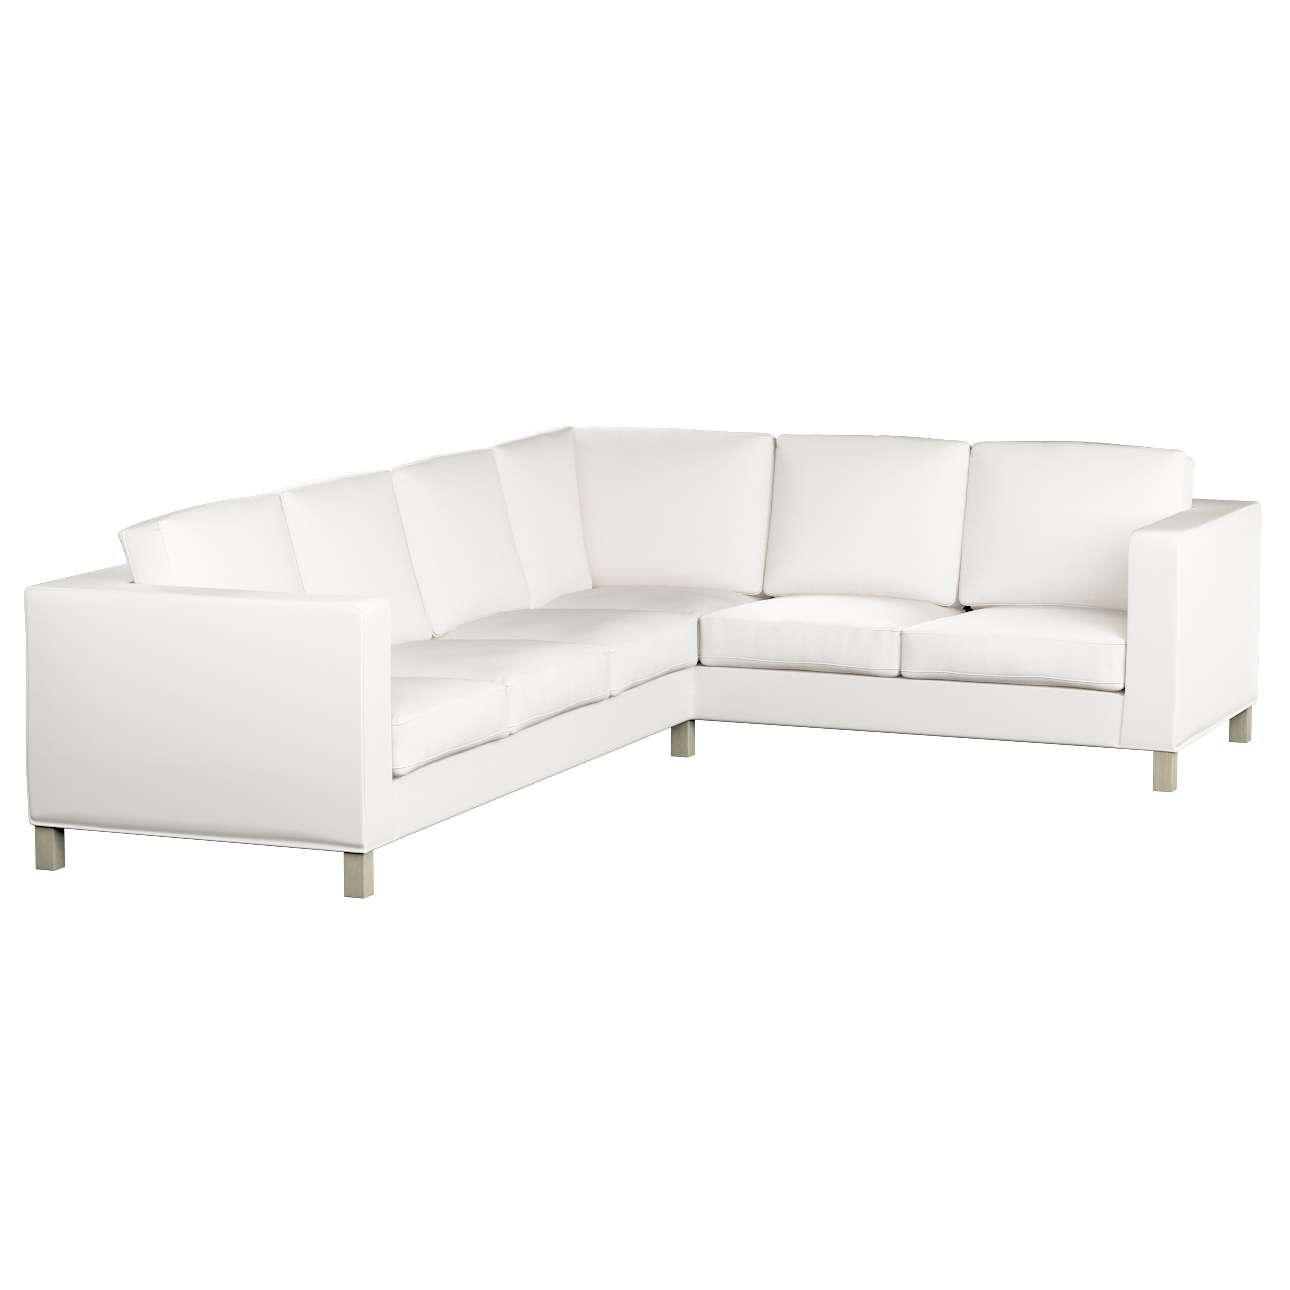 KARLANDA kampinės sofos (kairės) užvalkalas KARLANDA kampinės sofos (kairės) užvalkalas kolekcijoje Cotton Panama, audinys: 702-34